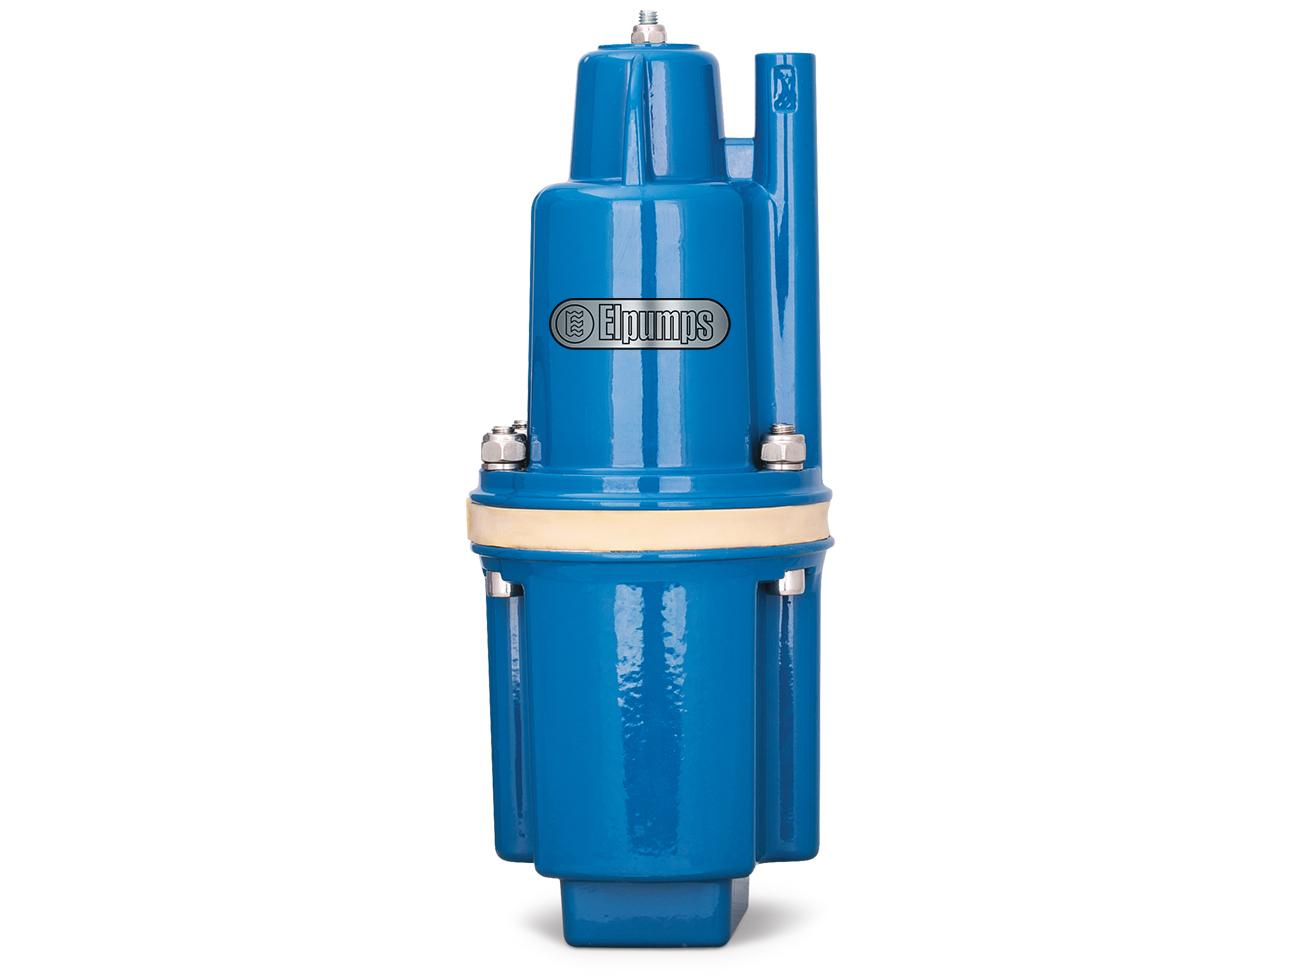 ELMPUMPS VP 300 - hlubinné ponorné čerpadlo do studní a vrtů ELMPUPMS